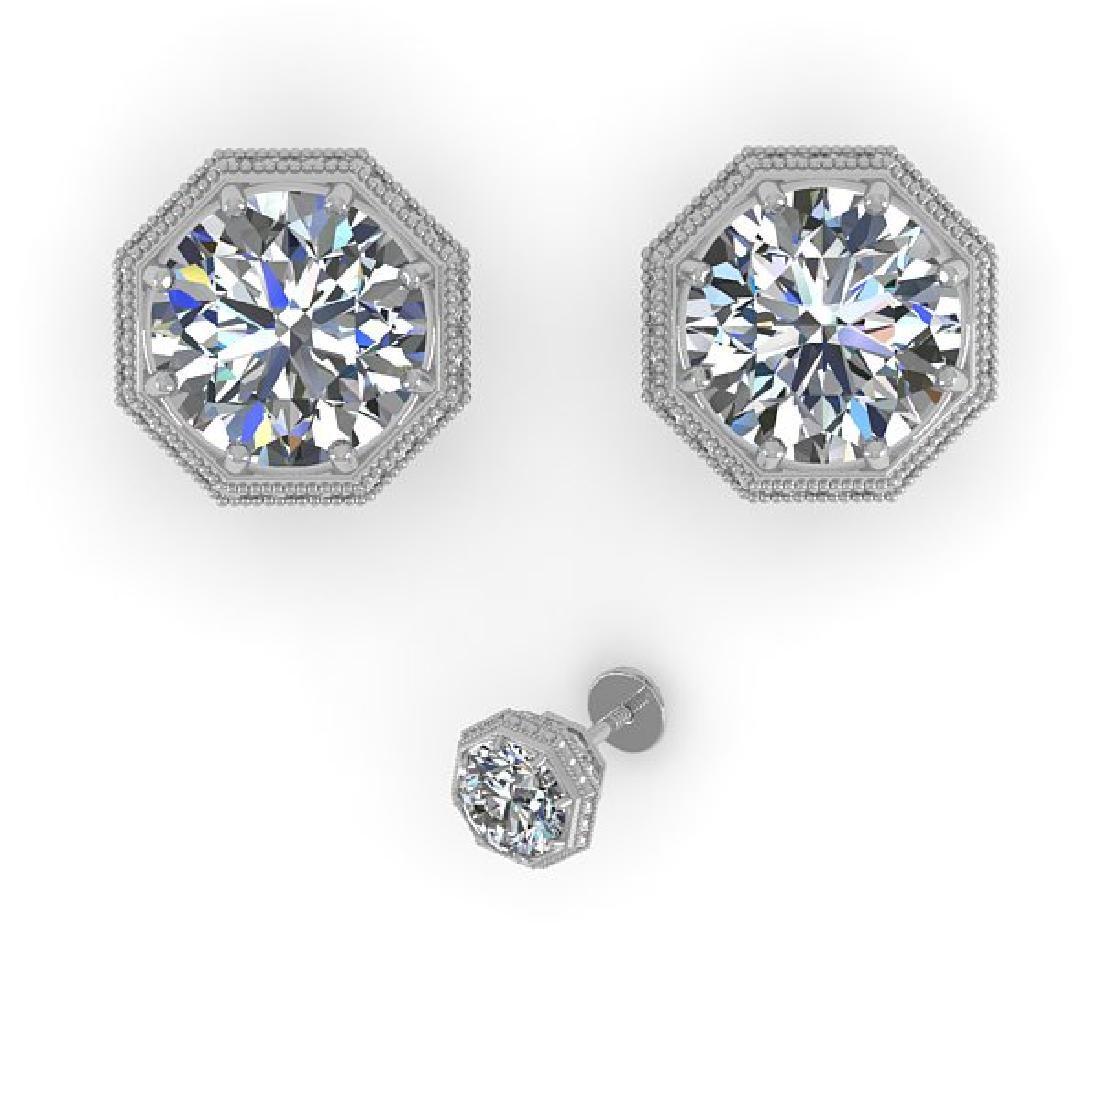 1.05 CTW Certified VS/SI Diamond Stud Earrings 14K - 2